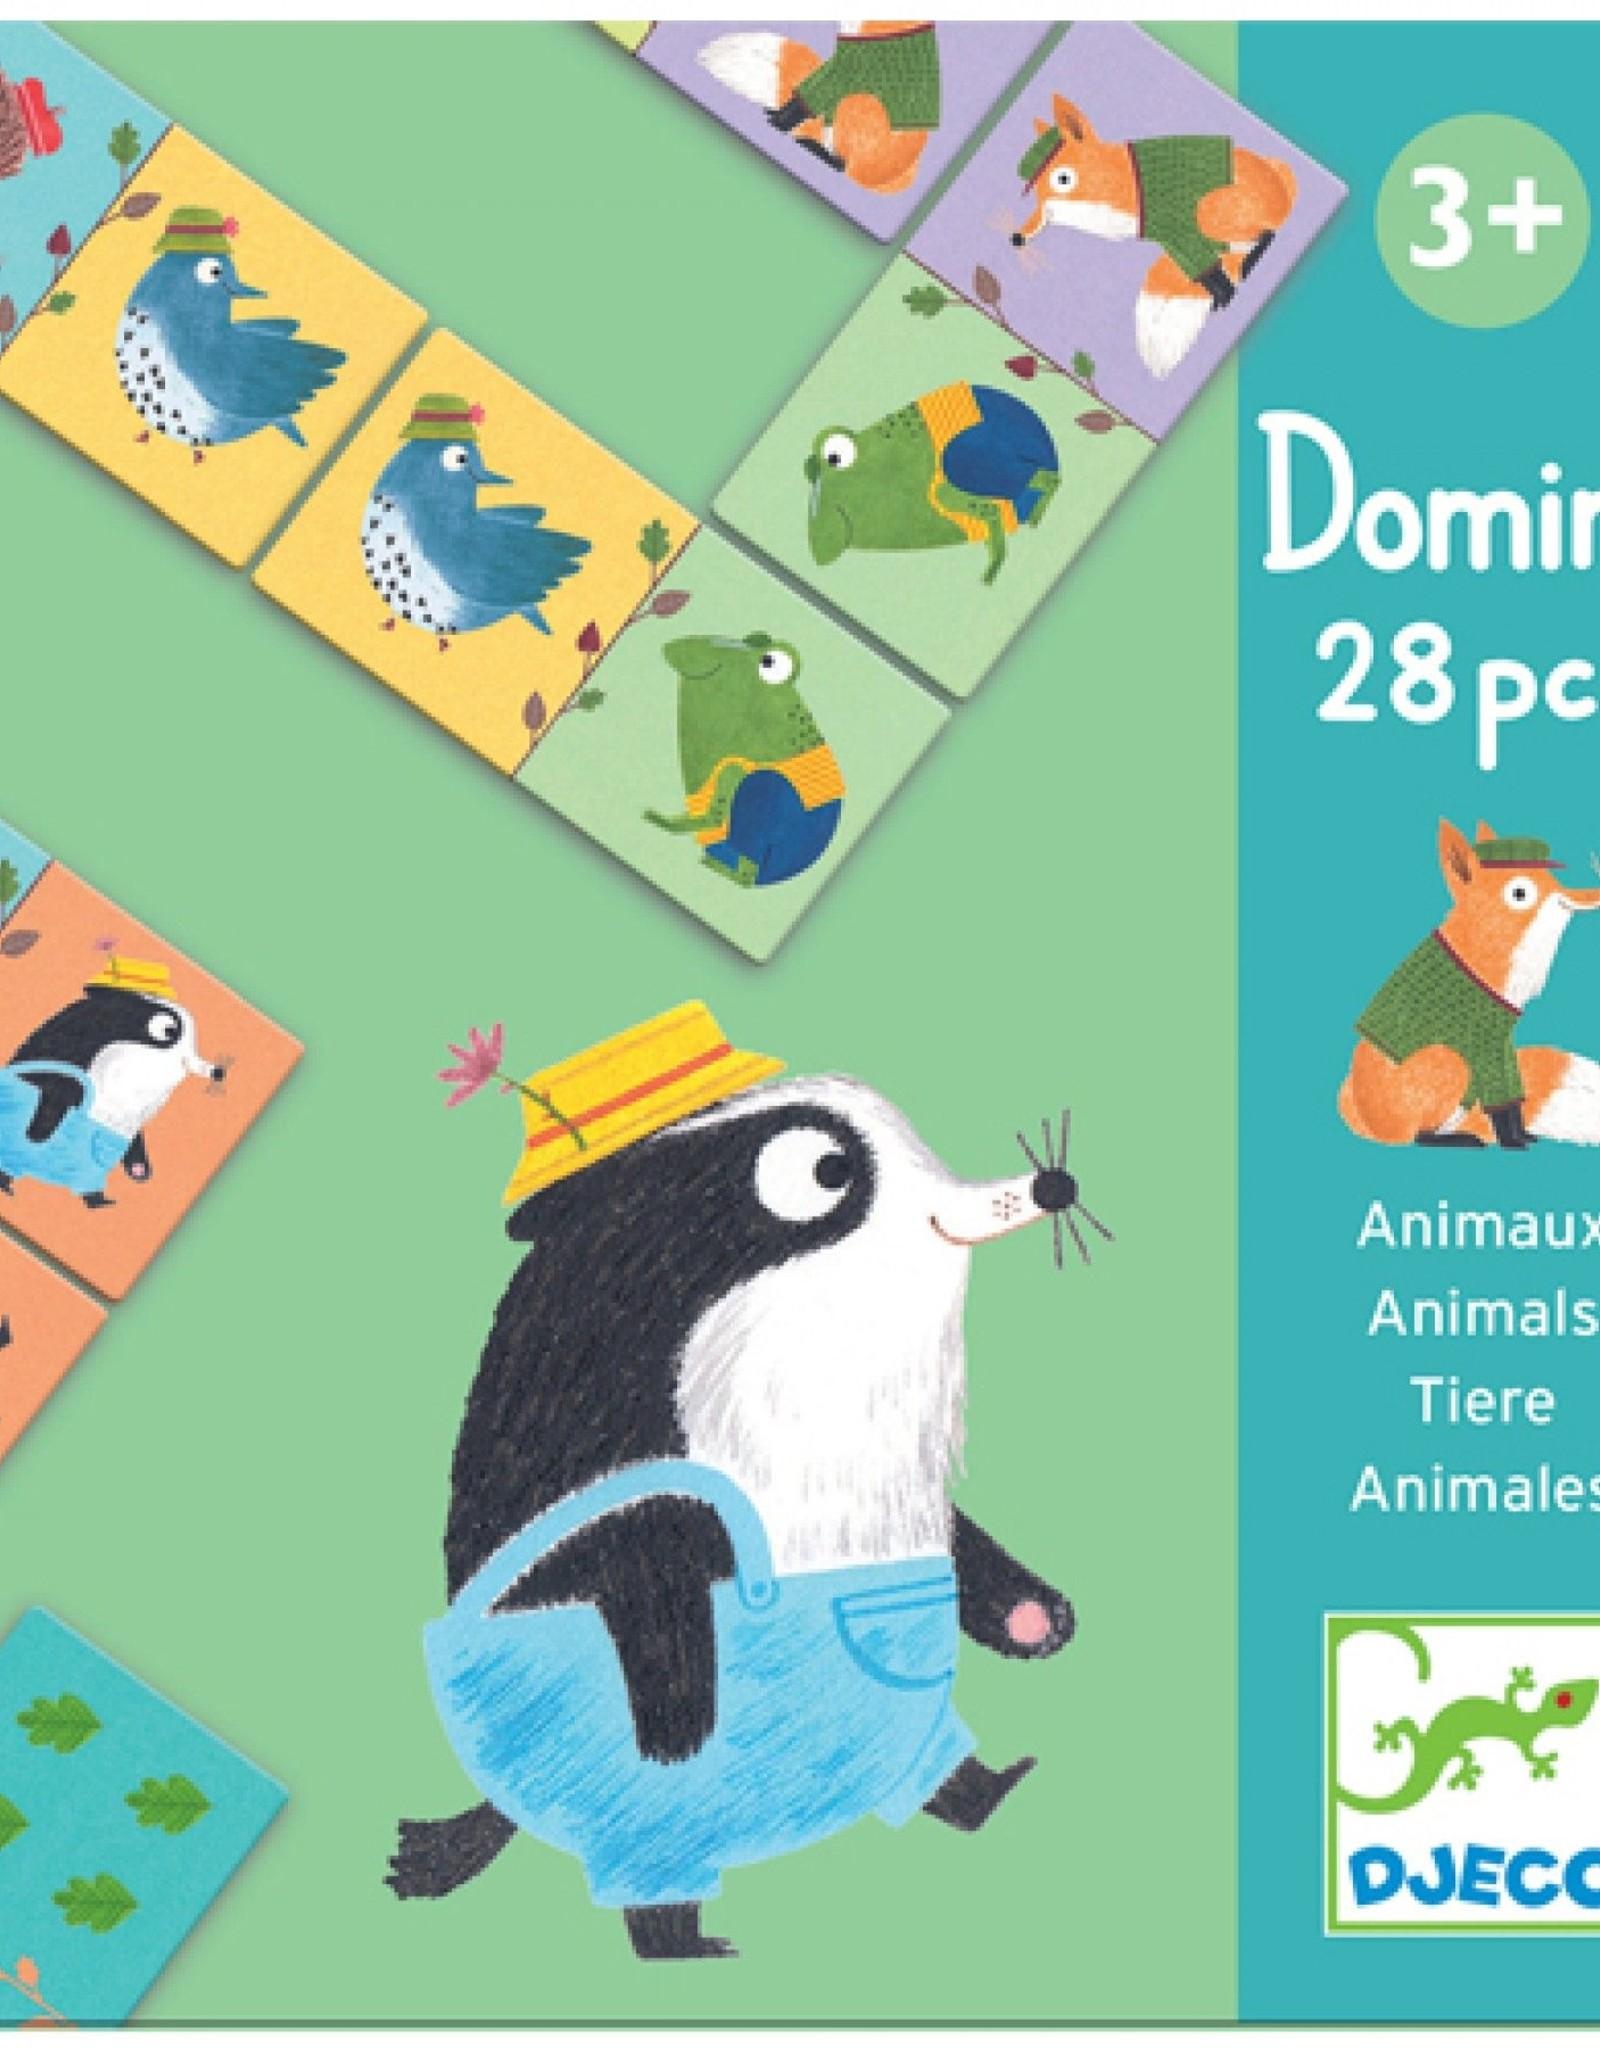 Djeco Domino 3+